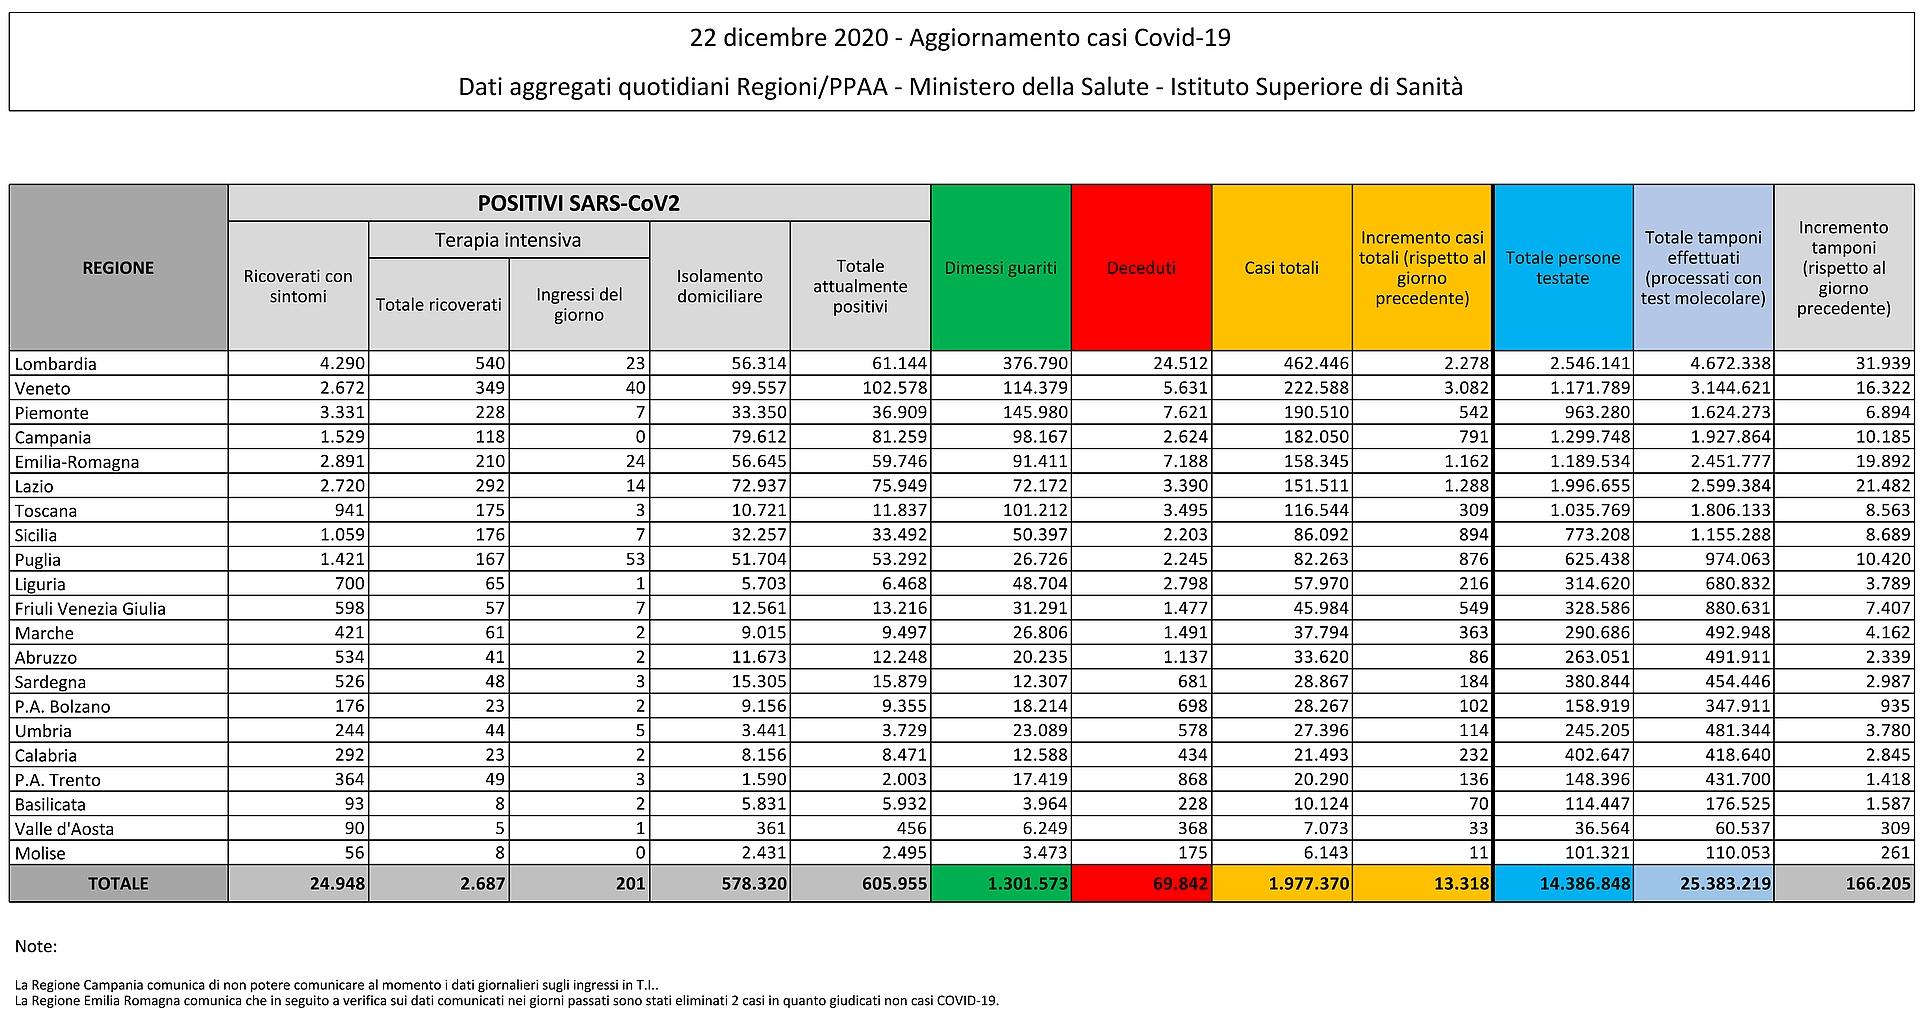 22 dicembre 2020 - Aggiornamento casi Covid-19 Dati aggregati quotidiani Regioni/PPAA - Ministero della Salute - Istituto Superiore di Sanità